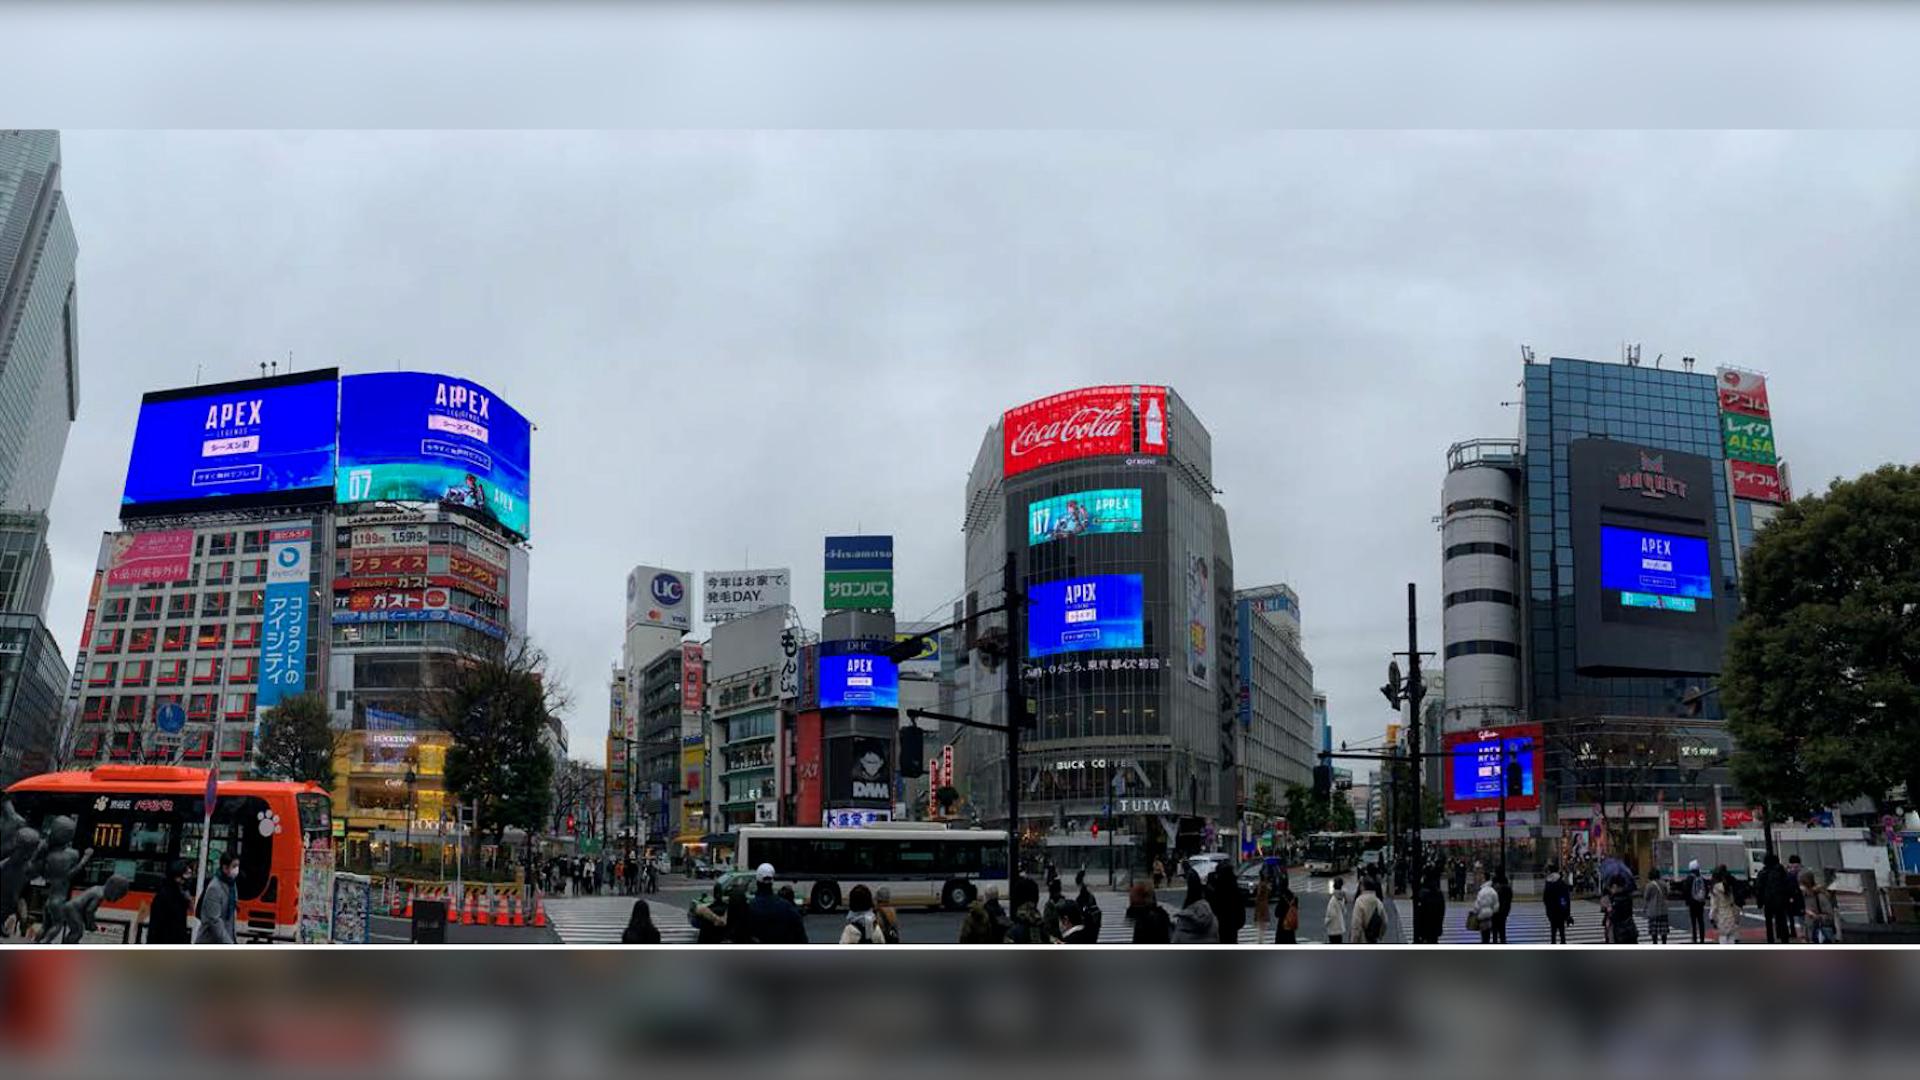 【APEX】渋谷スクランブル交差点に「エーペックスレジェンズ」の広告が出ているとのこと!!